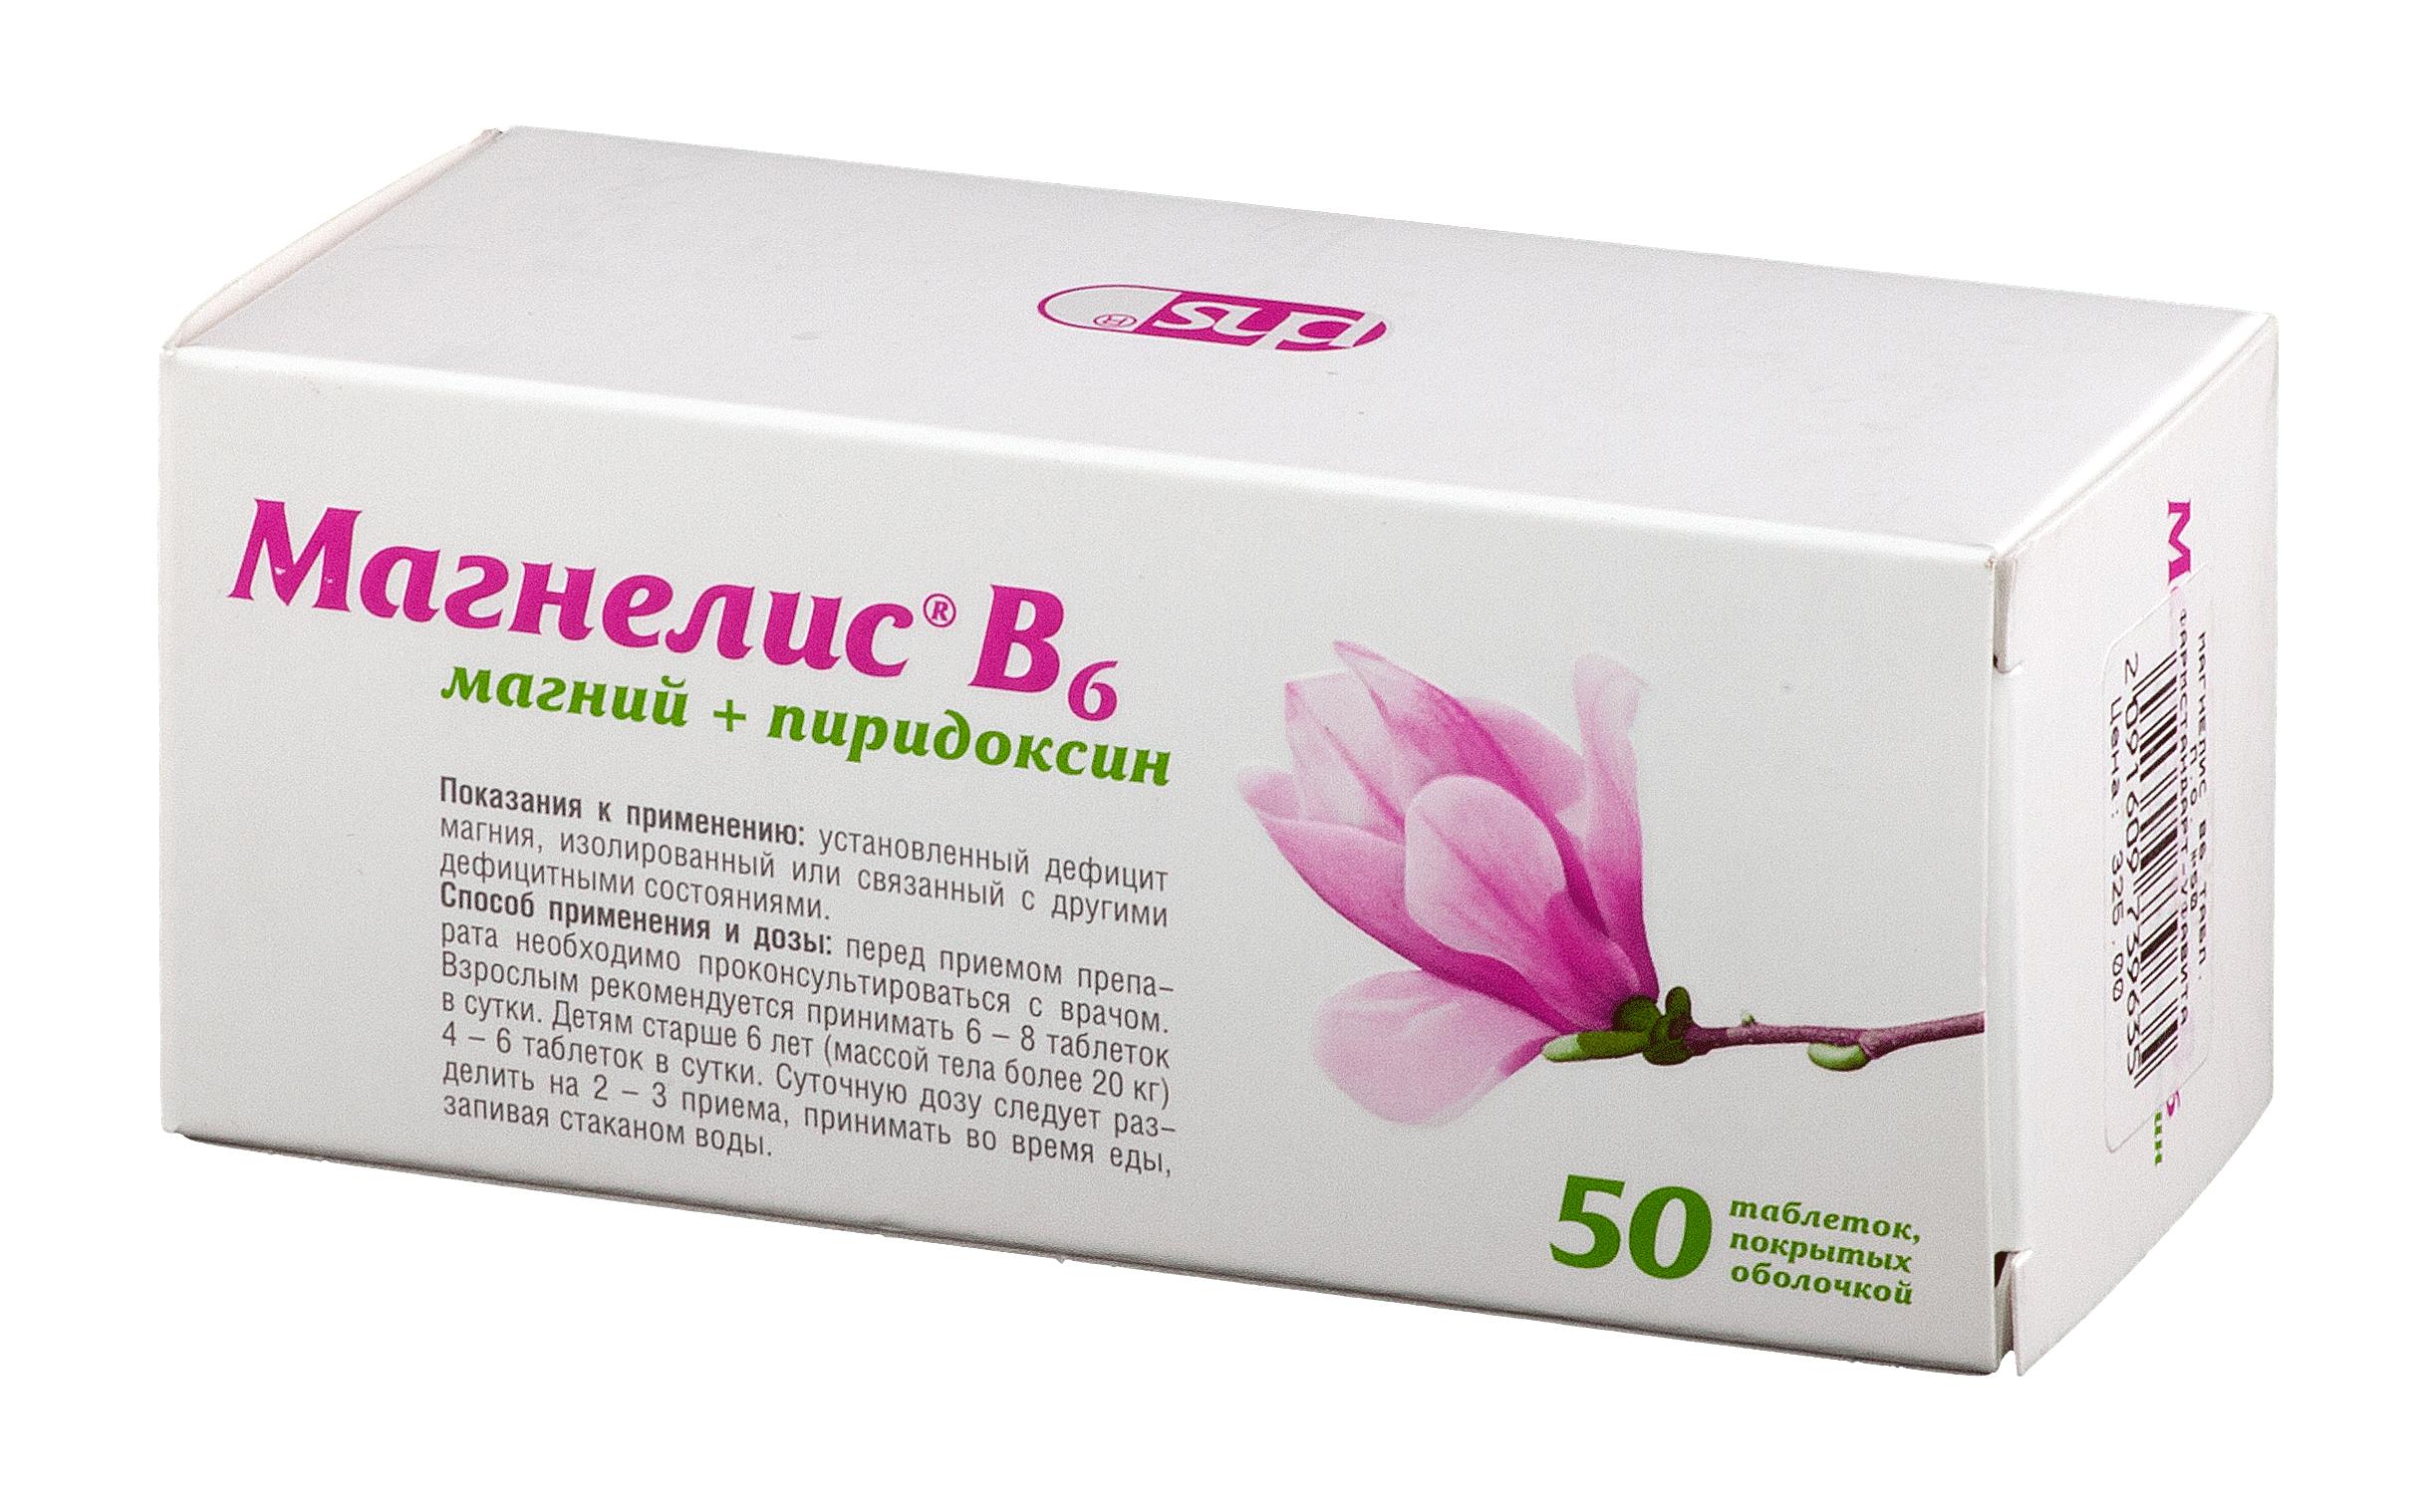 Препараты с магнием и витамином b6: обзор лучших препаратов с магнием в таблетках